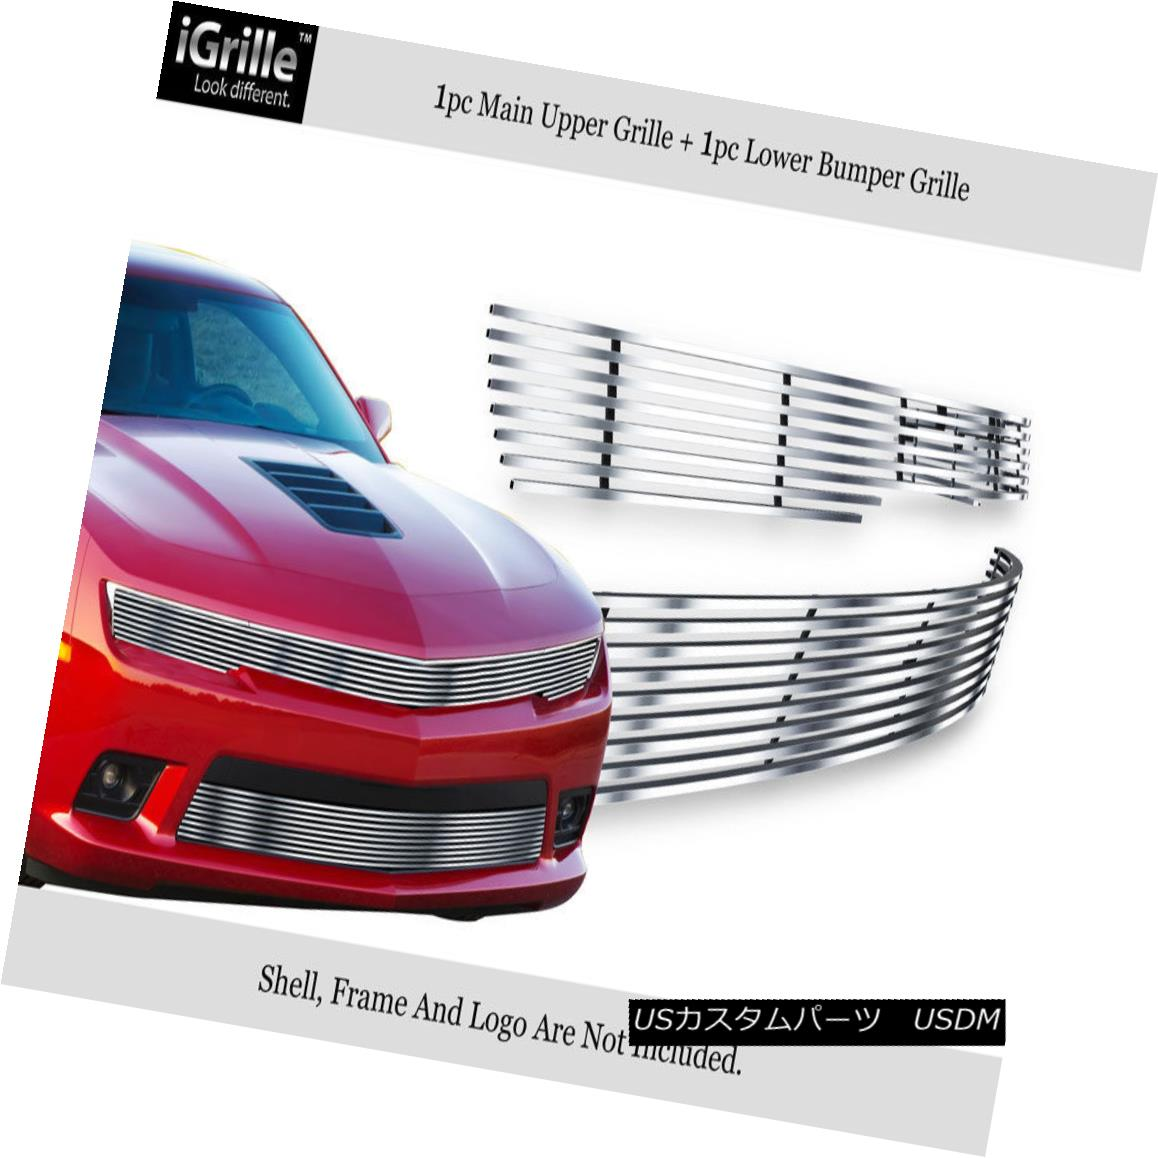 グリル For 2014-2015 Chevy Camaro LS/LT W/RS Package Phantom Style Billet Grille Combo 2014-2015シボレーカマロLS / LT W / RSパッケージファントムスタイルビレットグリルコンボ用